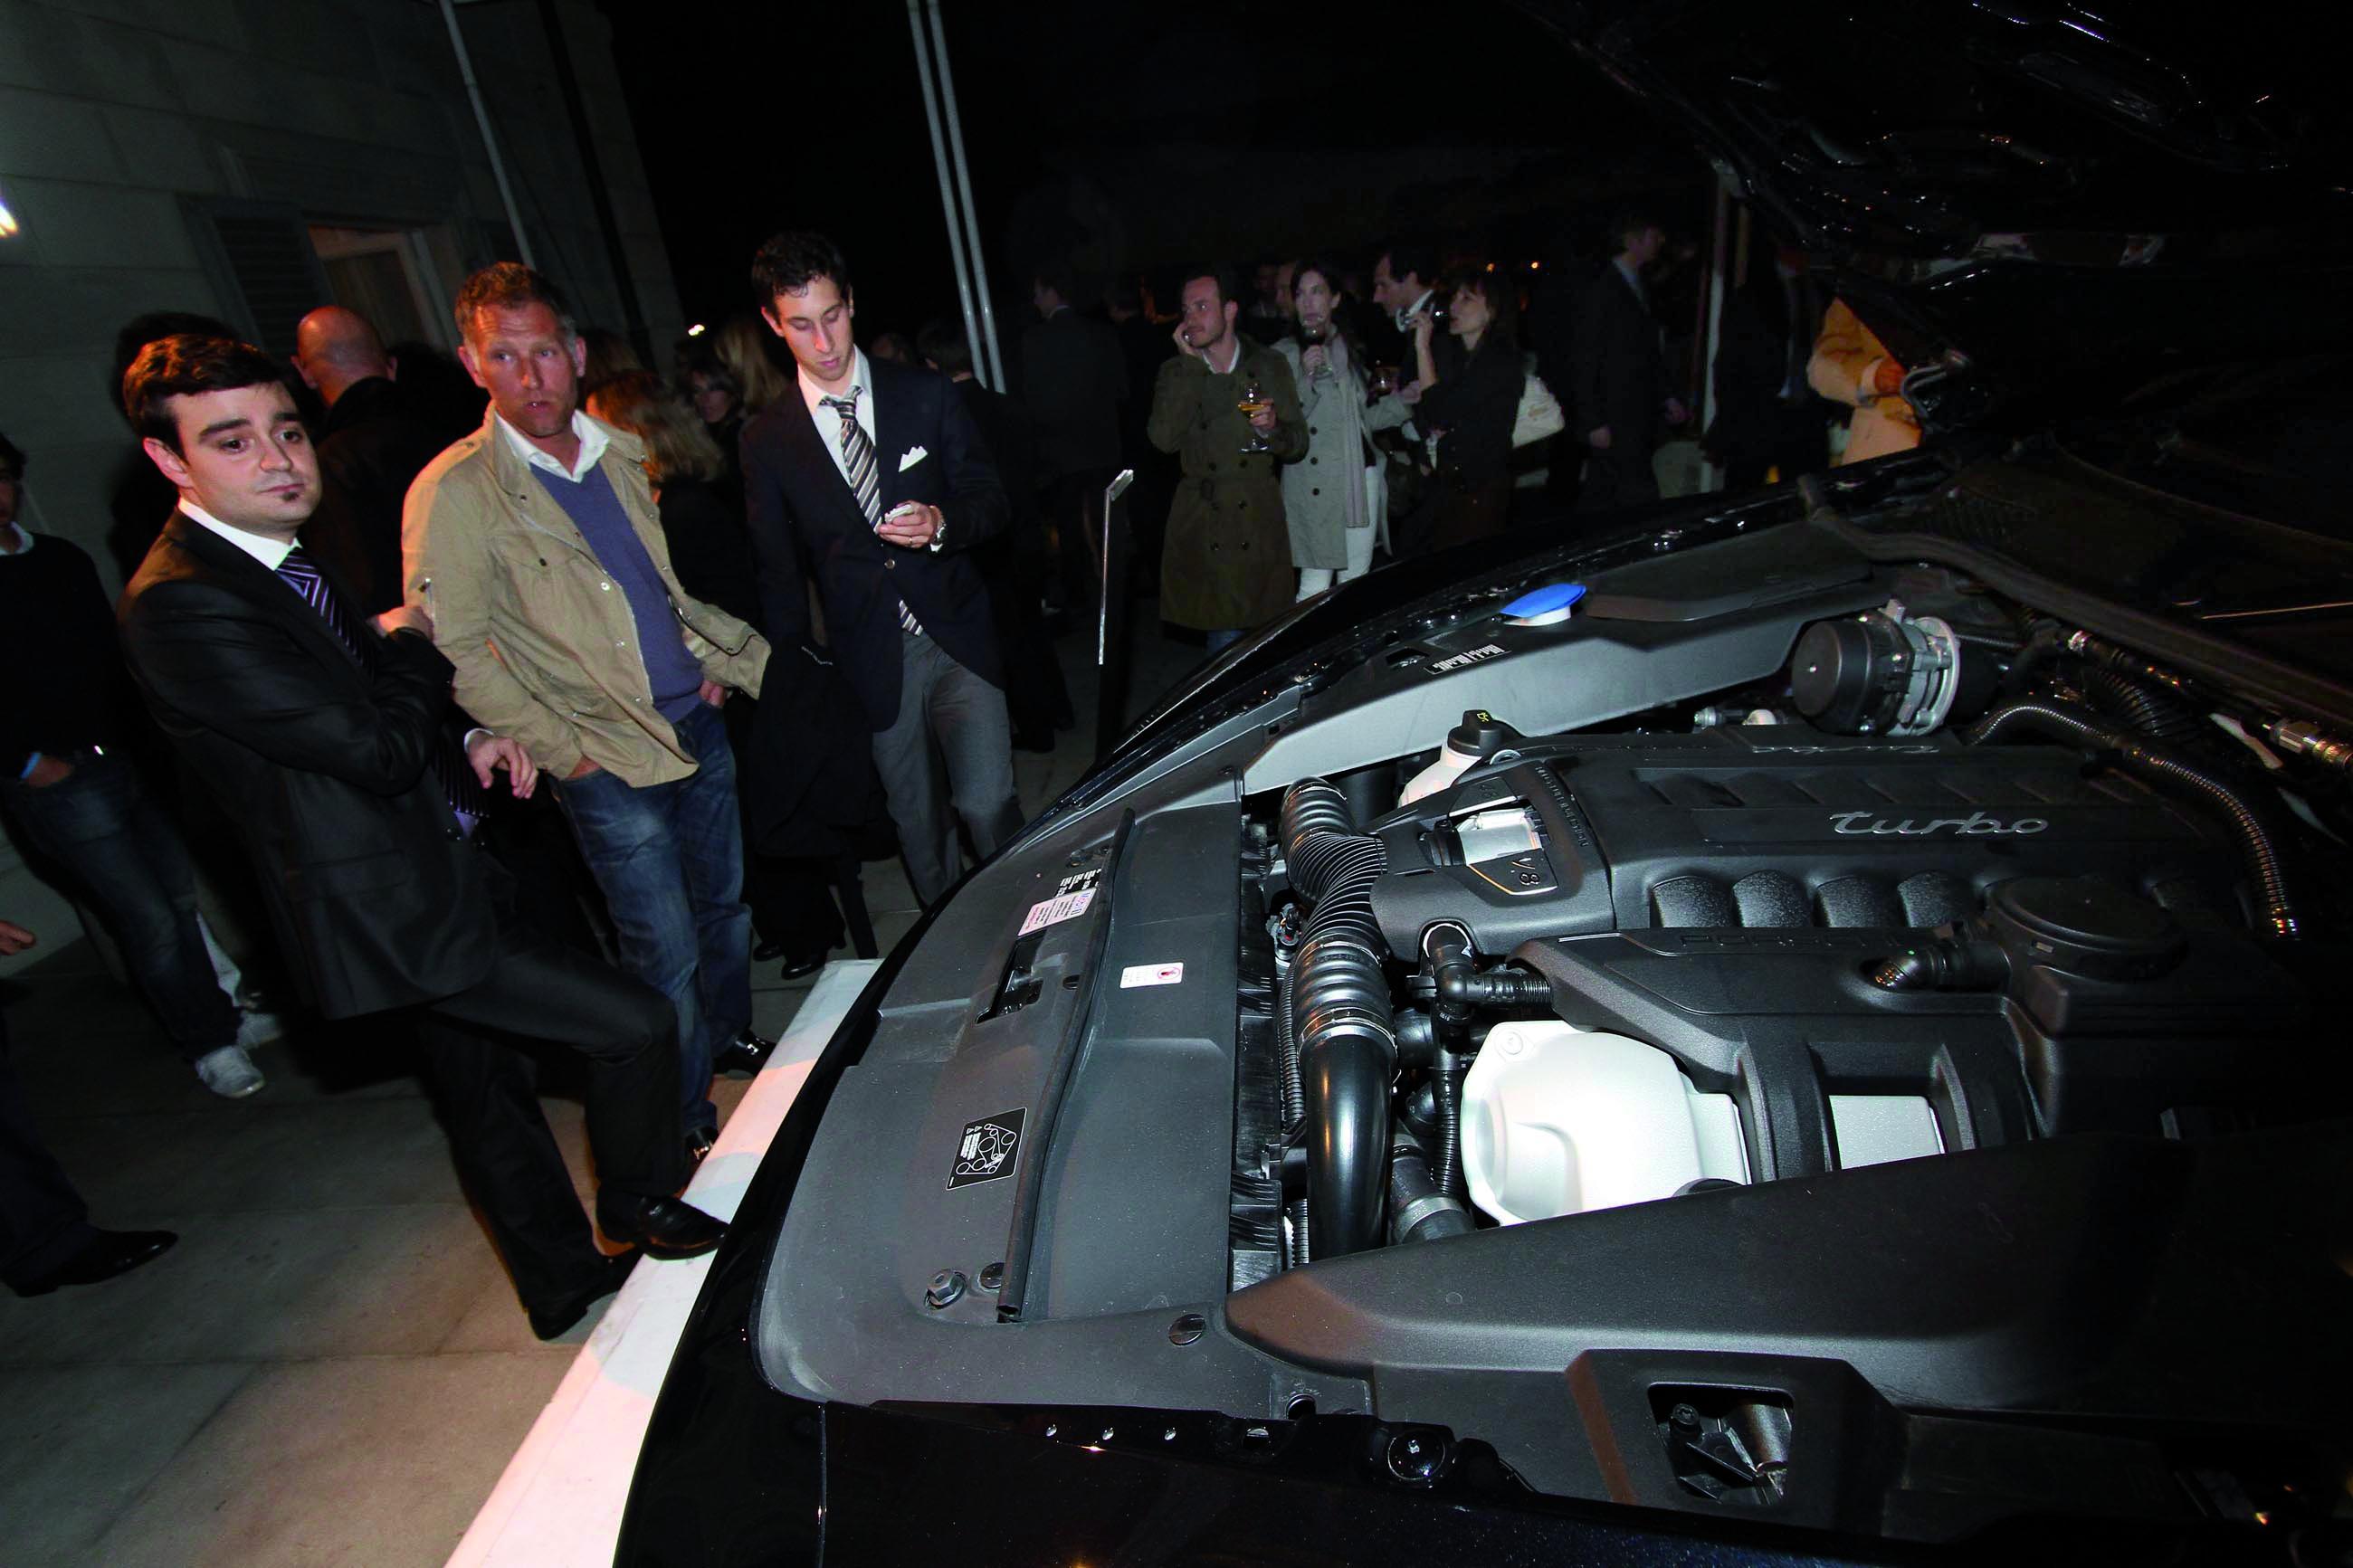 PRESSPHOTO  Firenze, Villa La Vedetta, serata di presentazione dele nuove Porsche Cayenne, e stand Pomellato. Nella foto